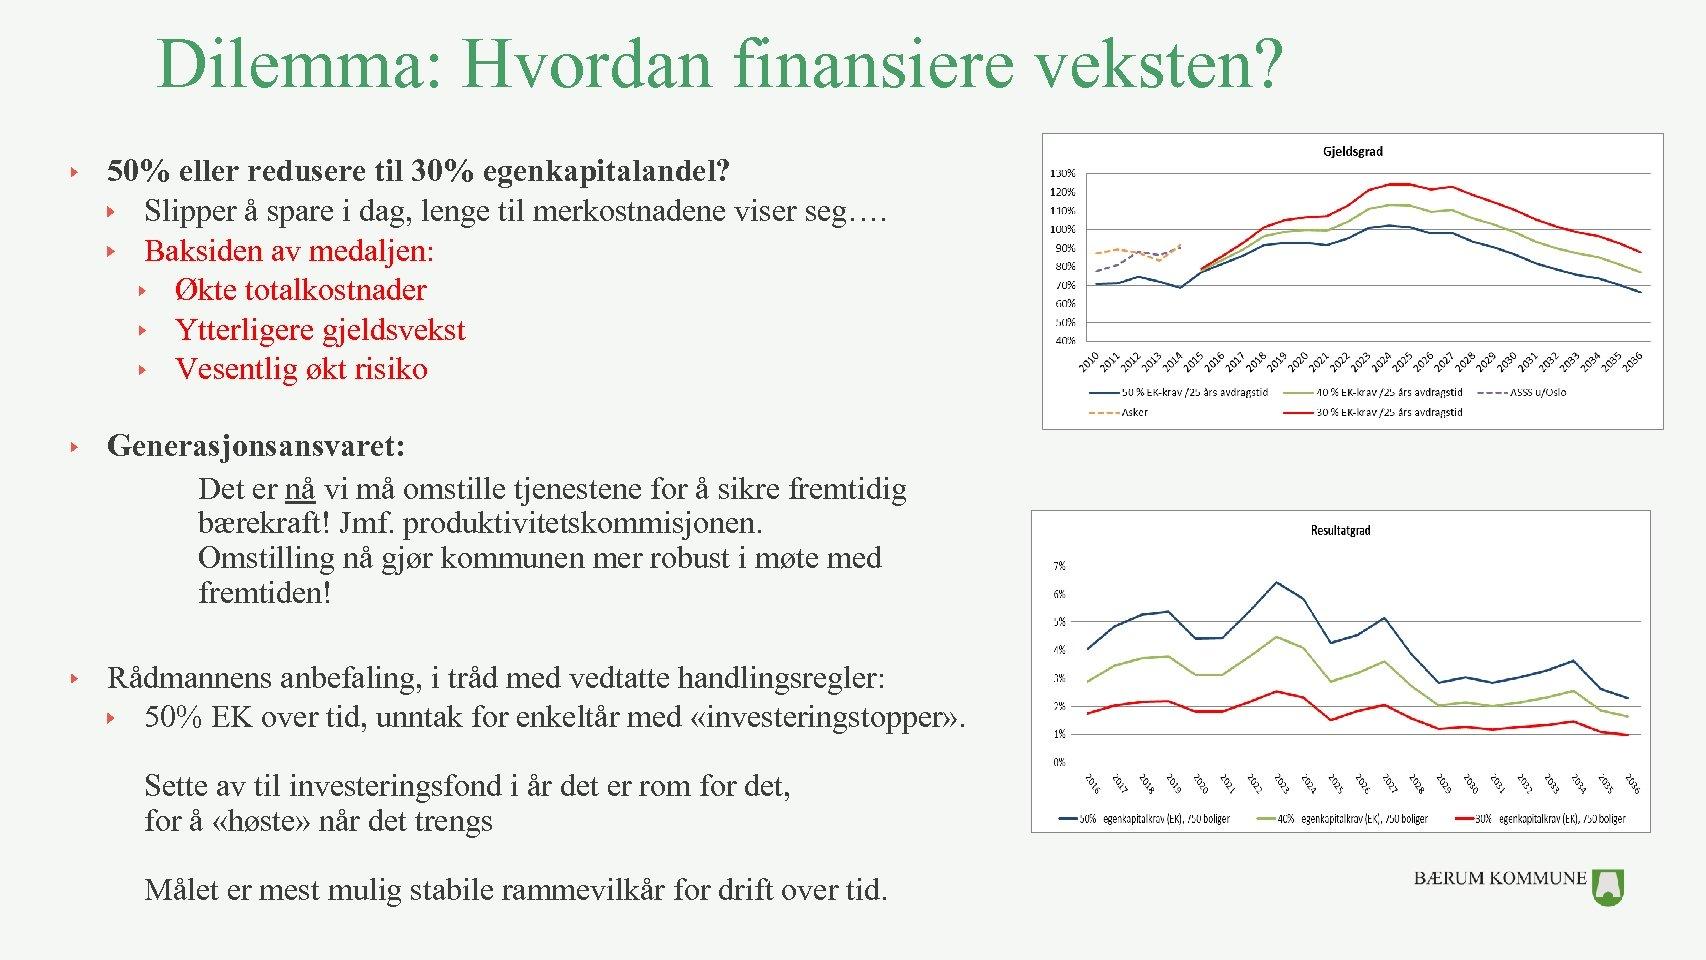 Dilemma: Hvordan finansiere veksten? 50% eller redusere til 30% egenkapitalandel? Slipper å spare i